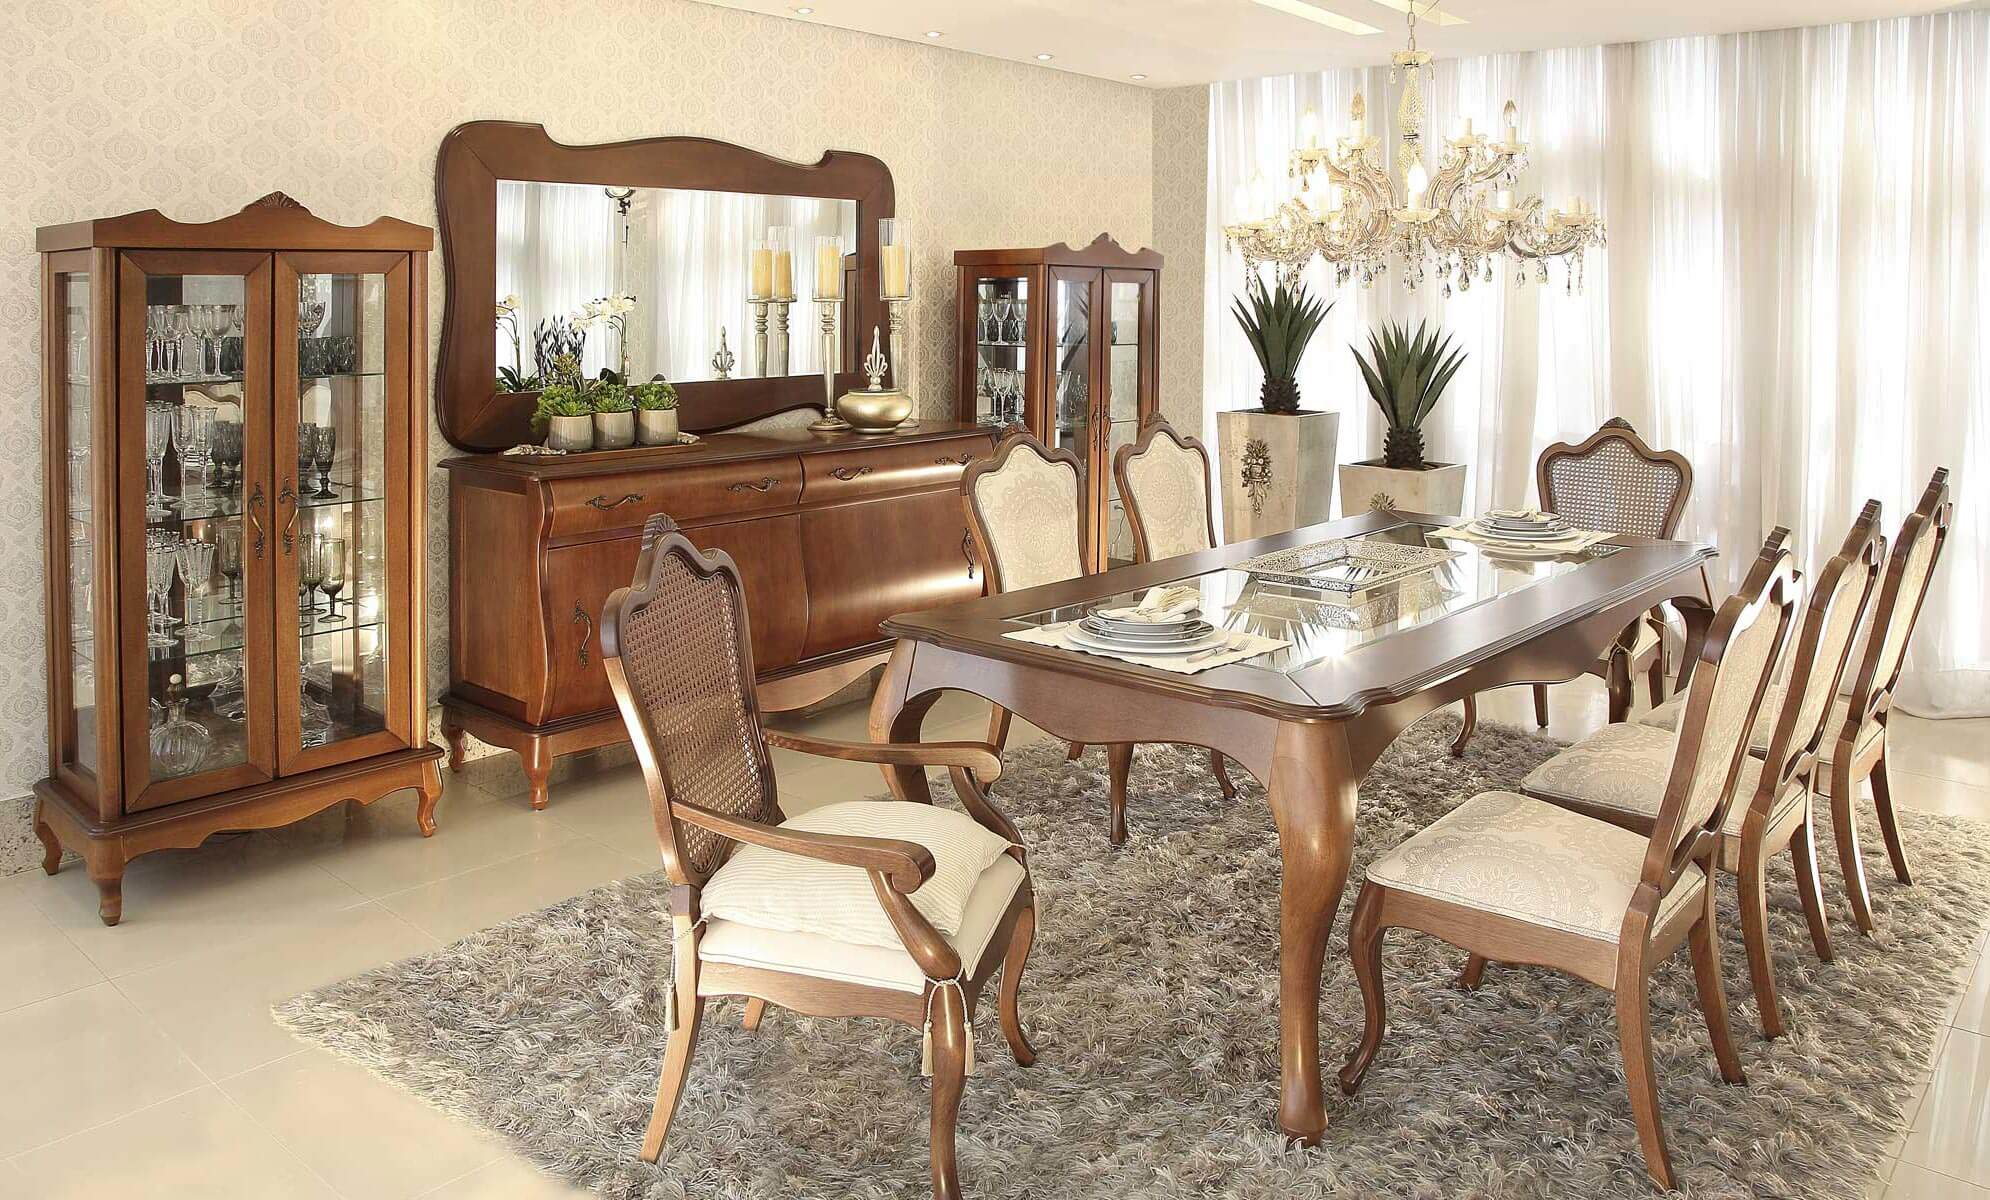 decoração-clássica-estilo-clássico-arquitetura-clássica